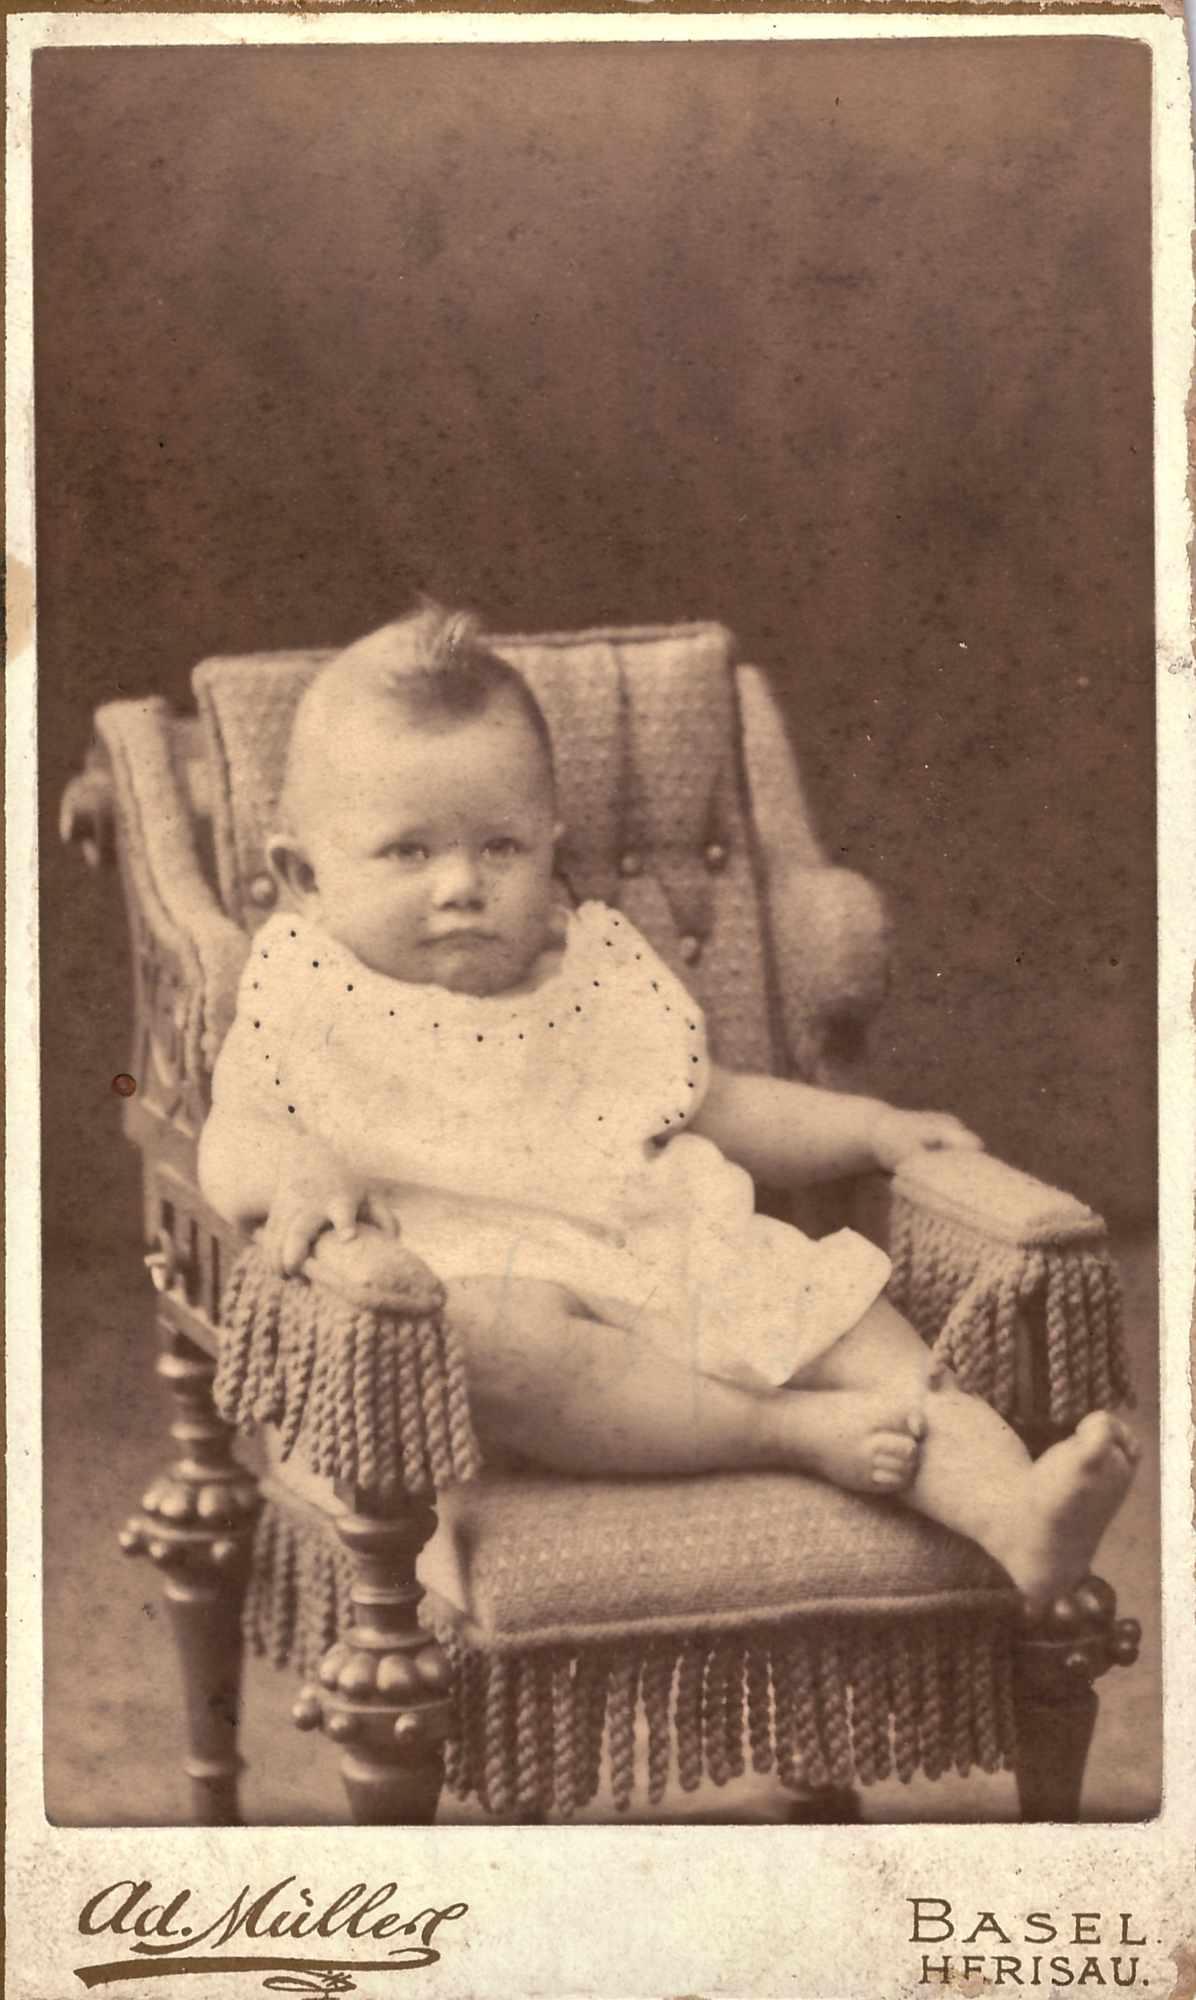 Bild: unbekanntes Kleinkind auf Stuhl